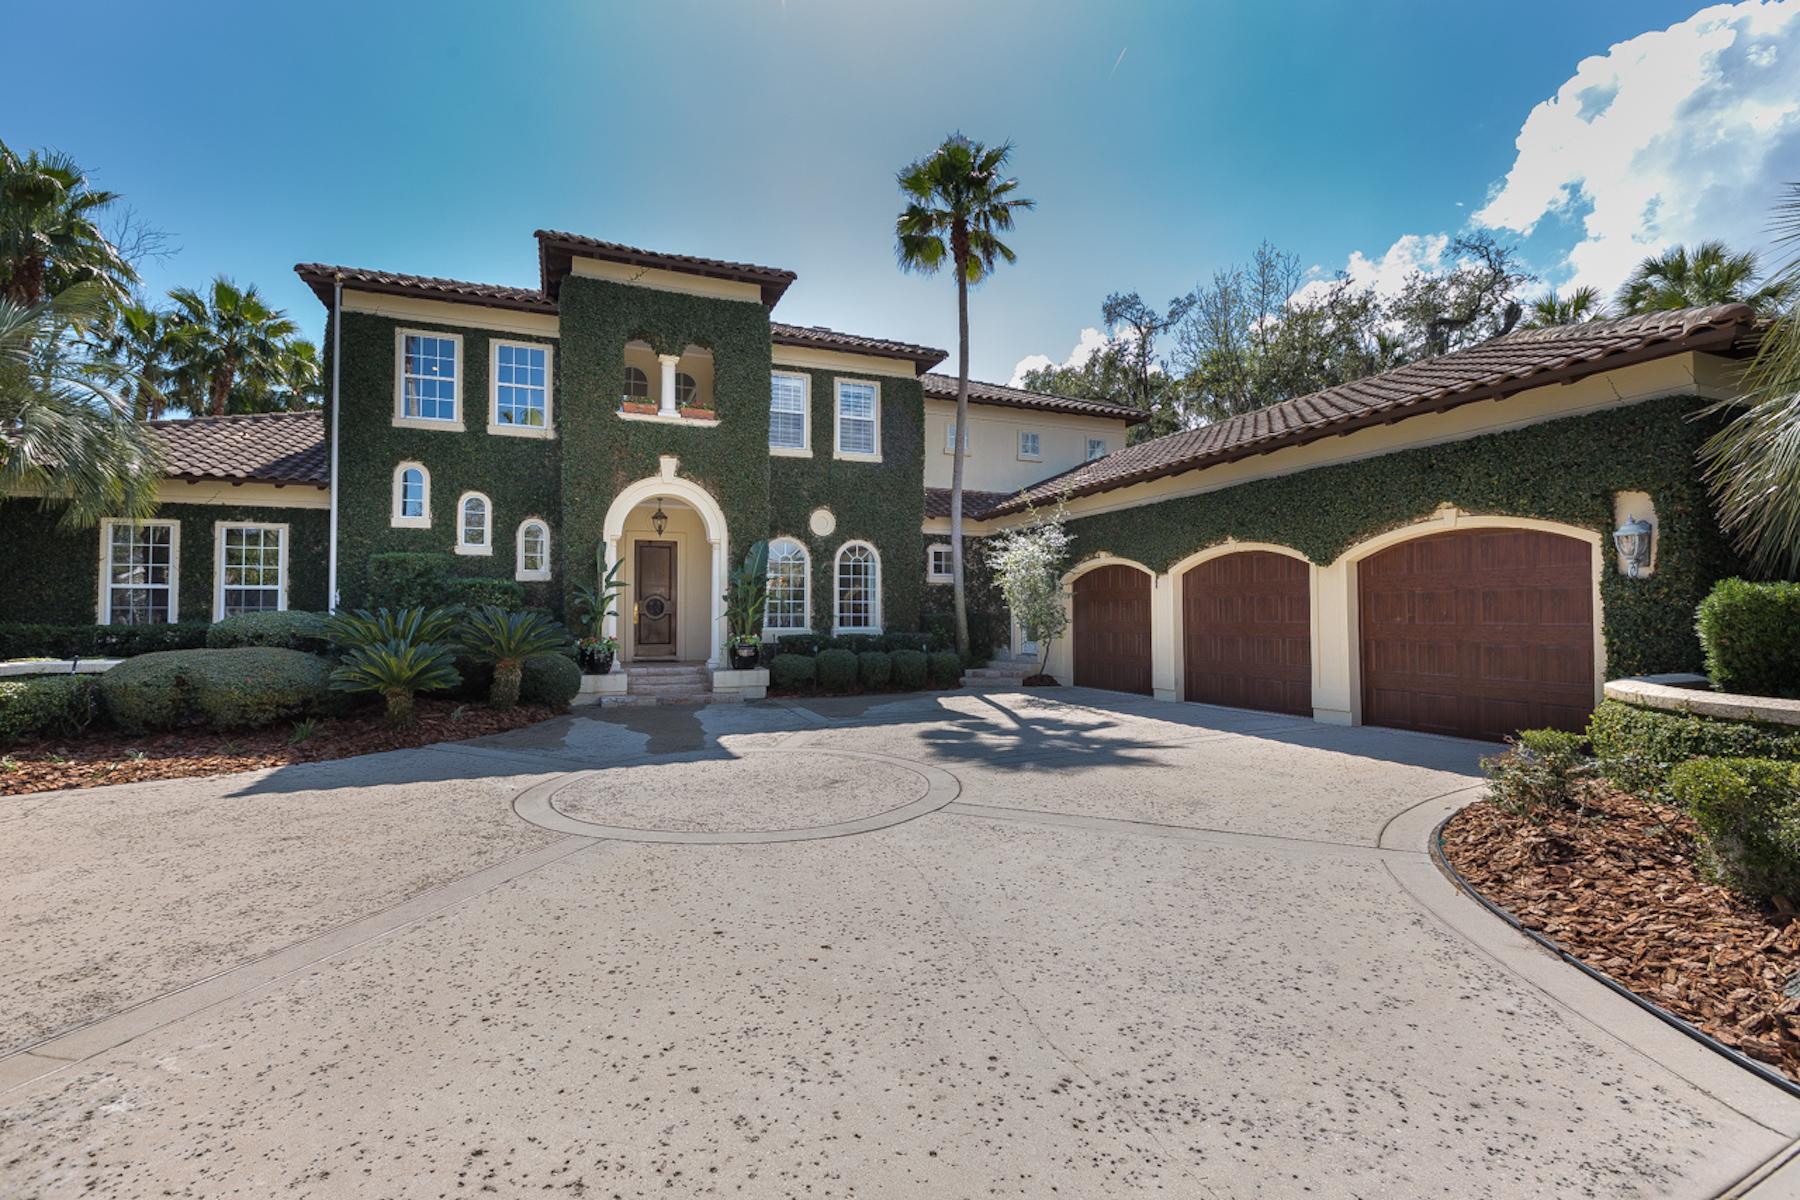 一戸建て のために 売買 アット Stunning Marsh Landing Country Club Home 129 Kingfisher Drive Ponte Vedra Beach, フロリダ, 32082 アメリカ合衆国